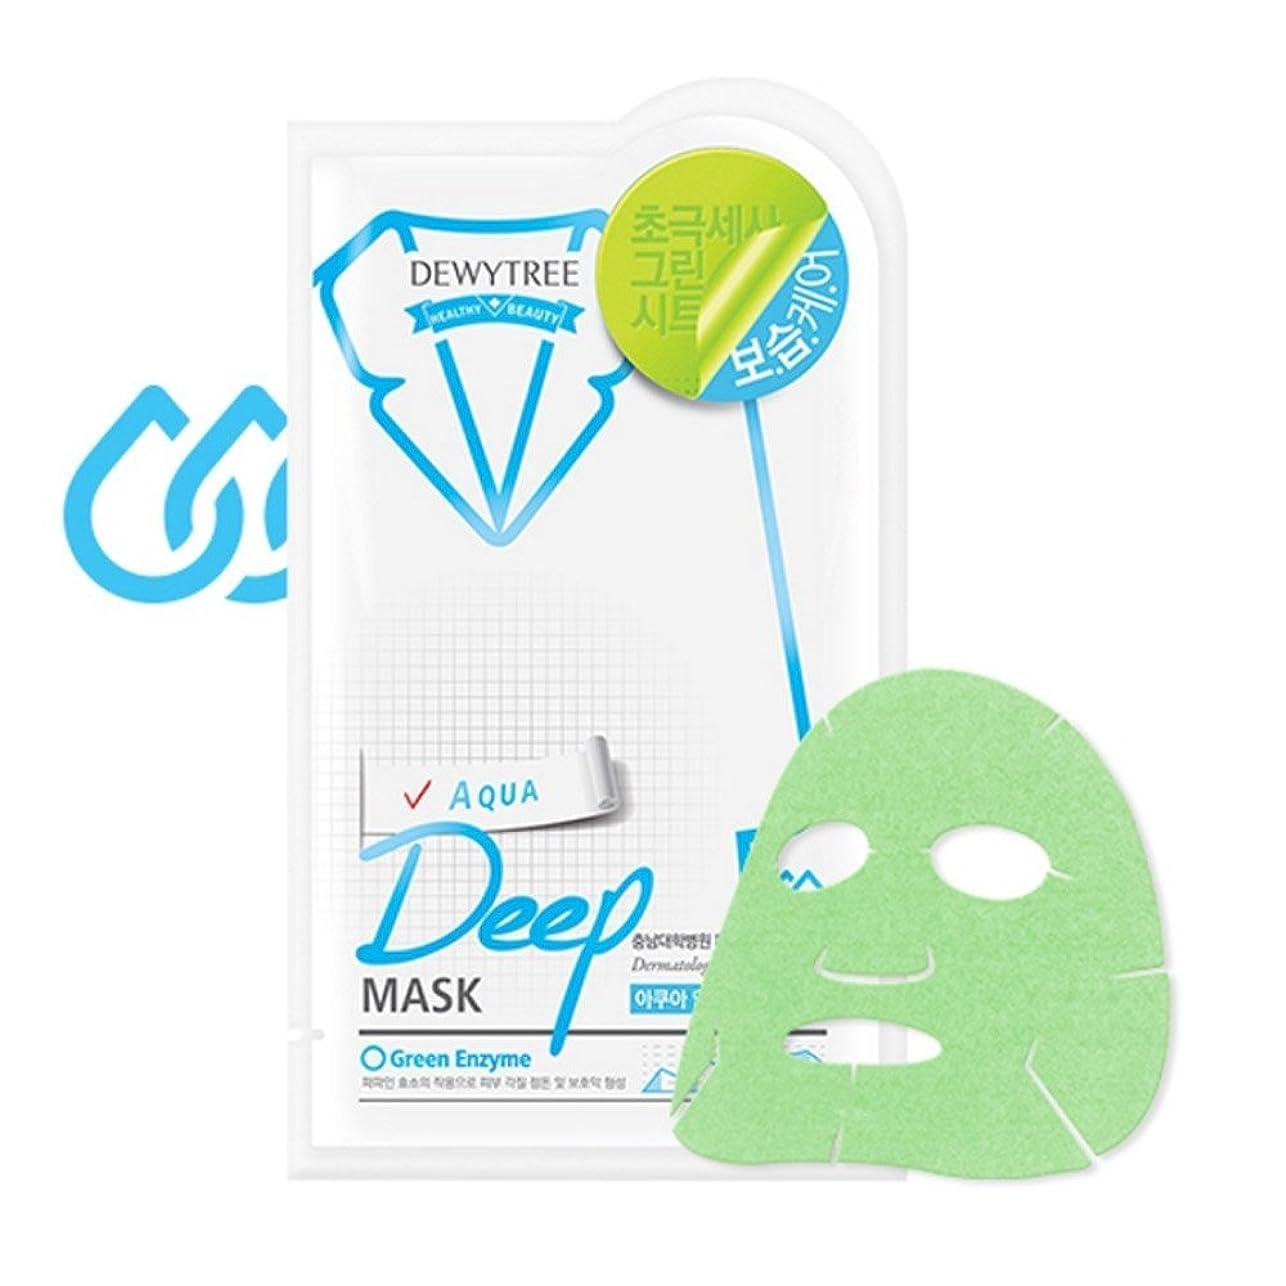 中性徐々に未使用[NEW] DEWYTREE Aqua Deep Mask 27ml × 10 Sheets/デュイツリー アクア ディープ マスク 27ml × 10枚